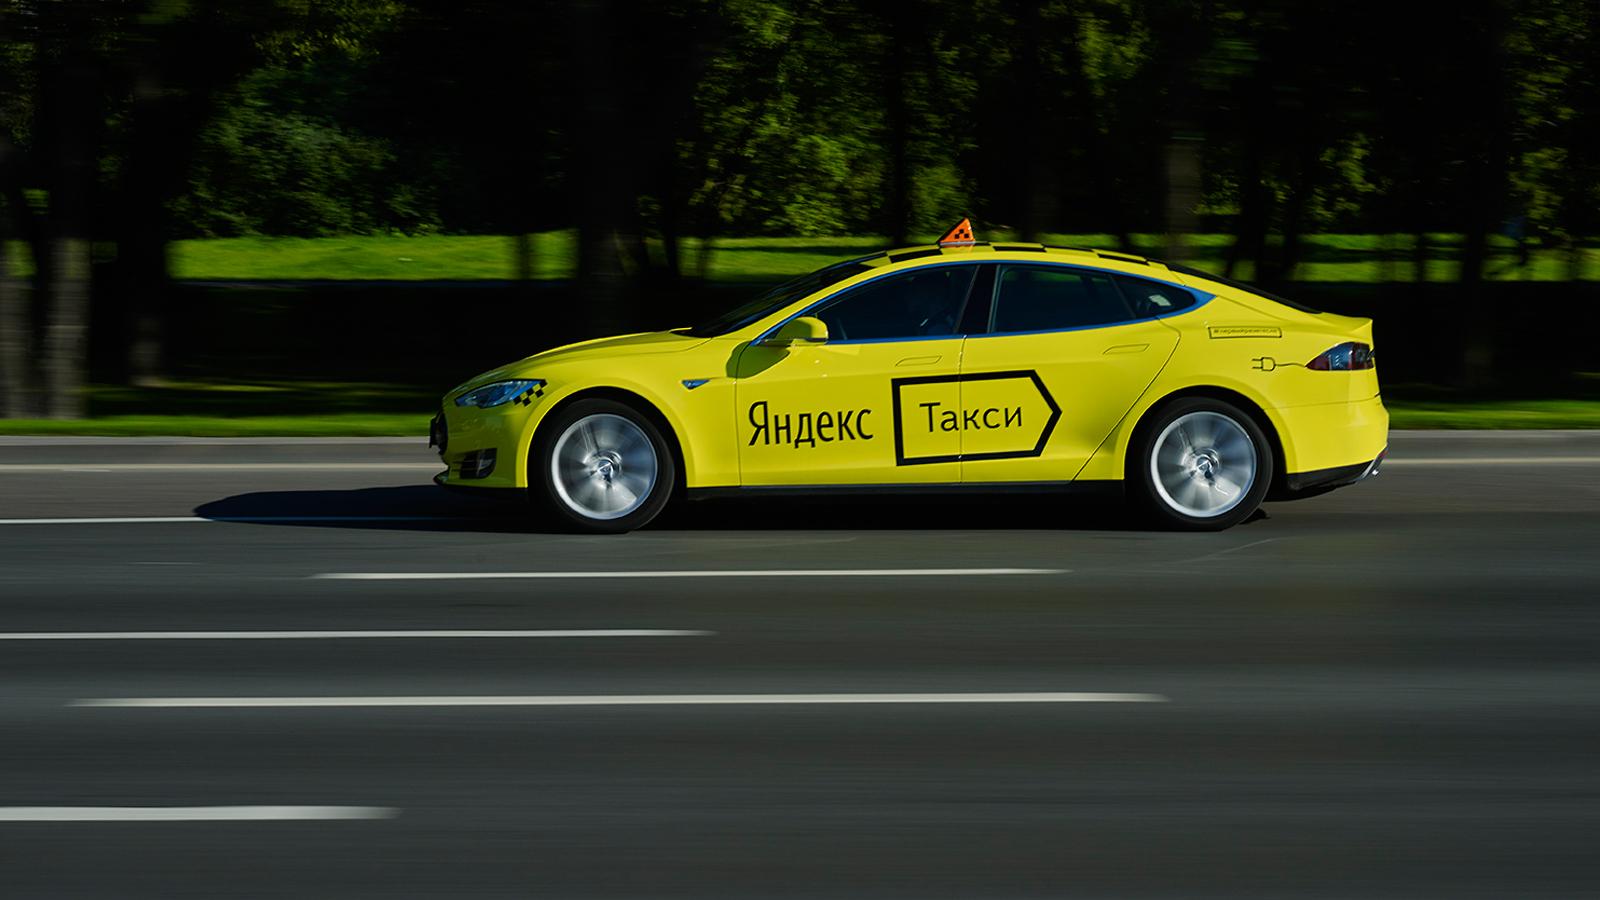 Изображение - Как оплатить яндекс такси картой 2-18